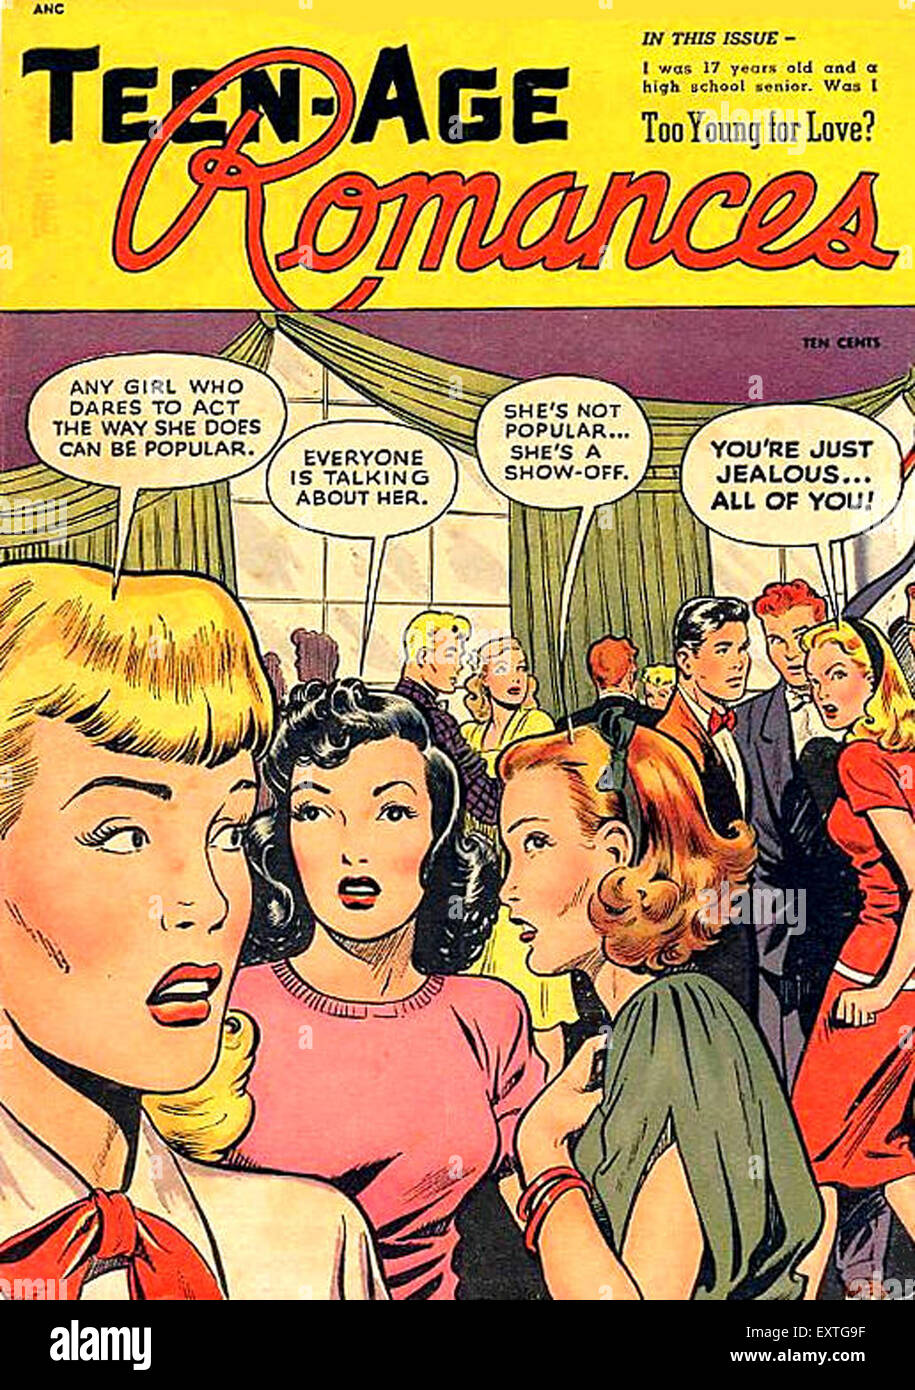 1950er Jahren USA Teen-Age Romanzen Comic / jährliche Abdeckung Stockbild